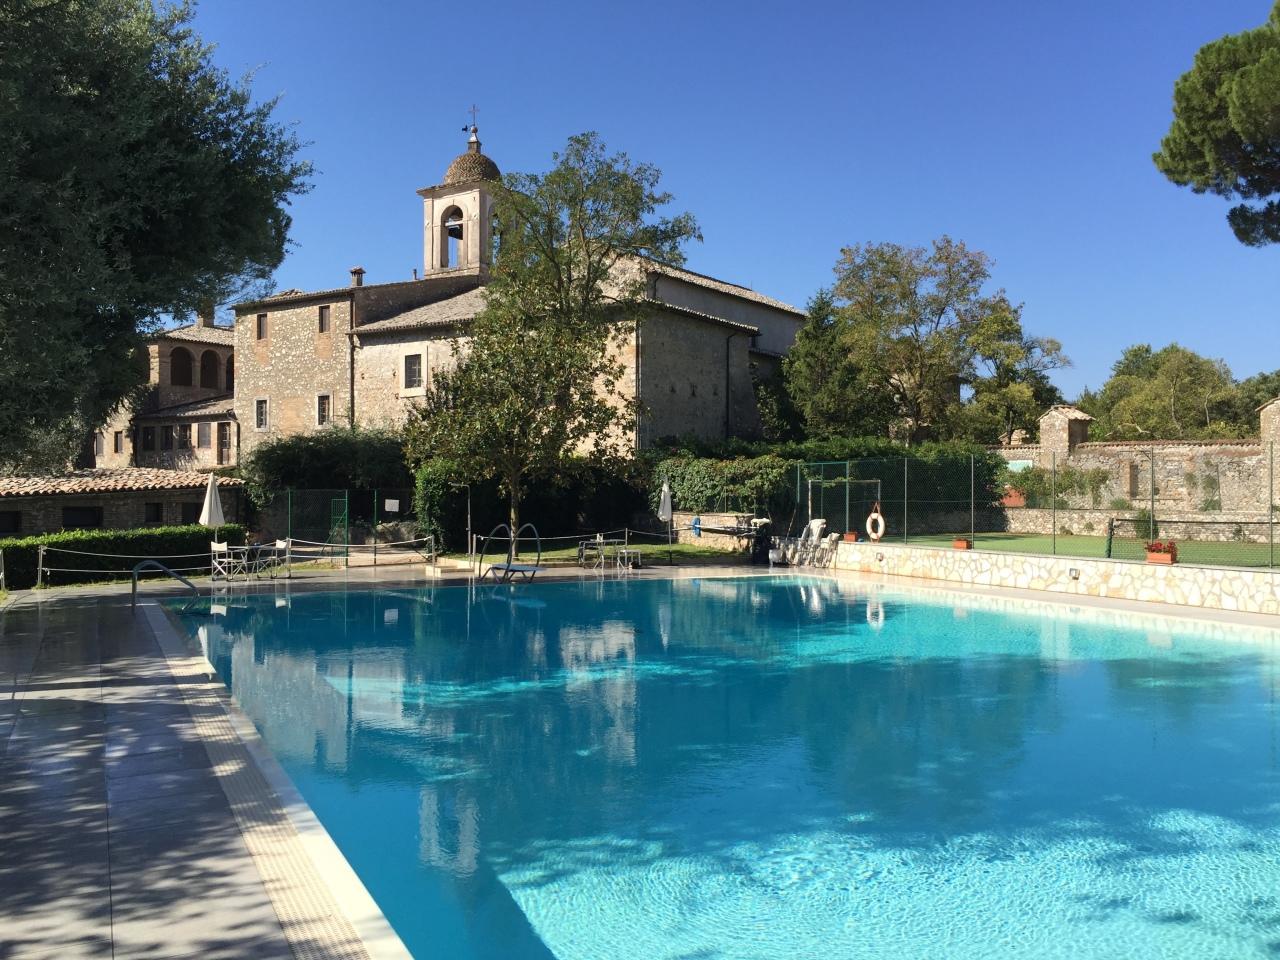 Appartamento in affitto a Lugnano in Teverina, 3 locali, prezzo € 1.500 | PortaleAgenzieImmobiliari.it